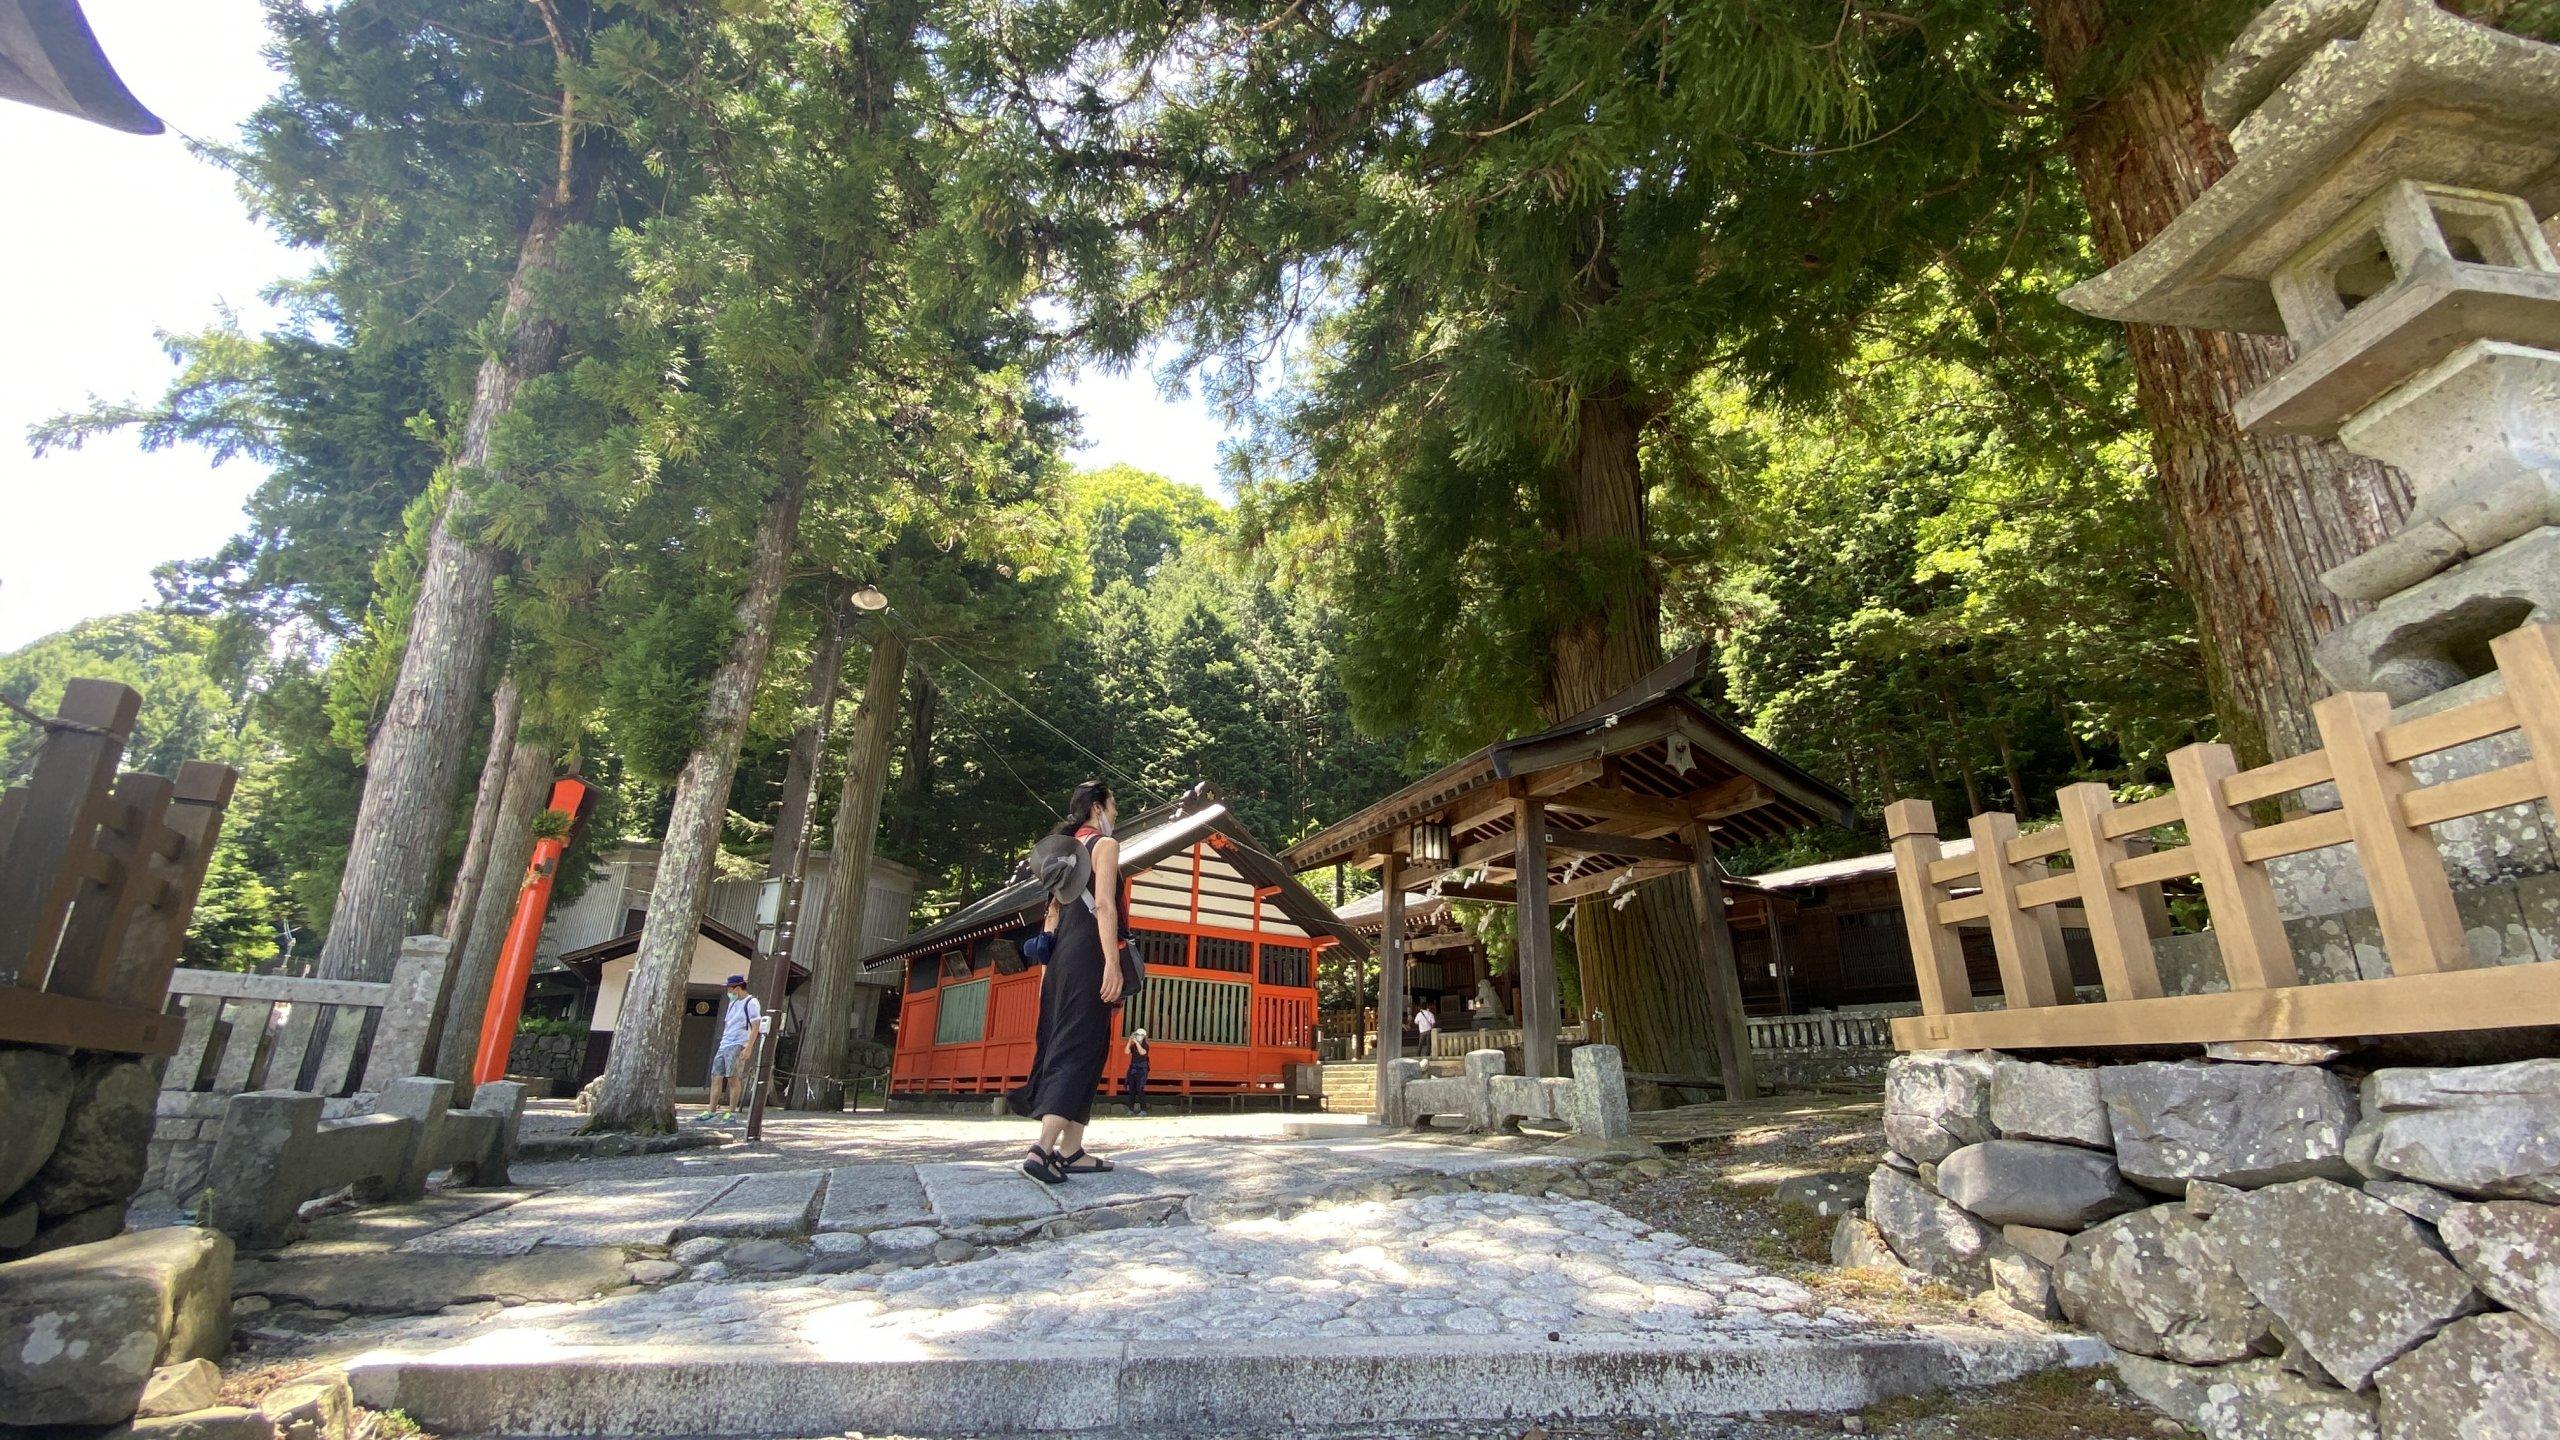 Shizume shrine, Narai-juku kisoji nakasendo